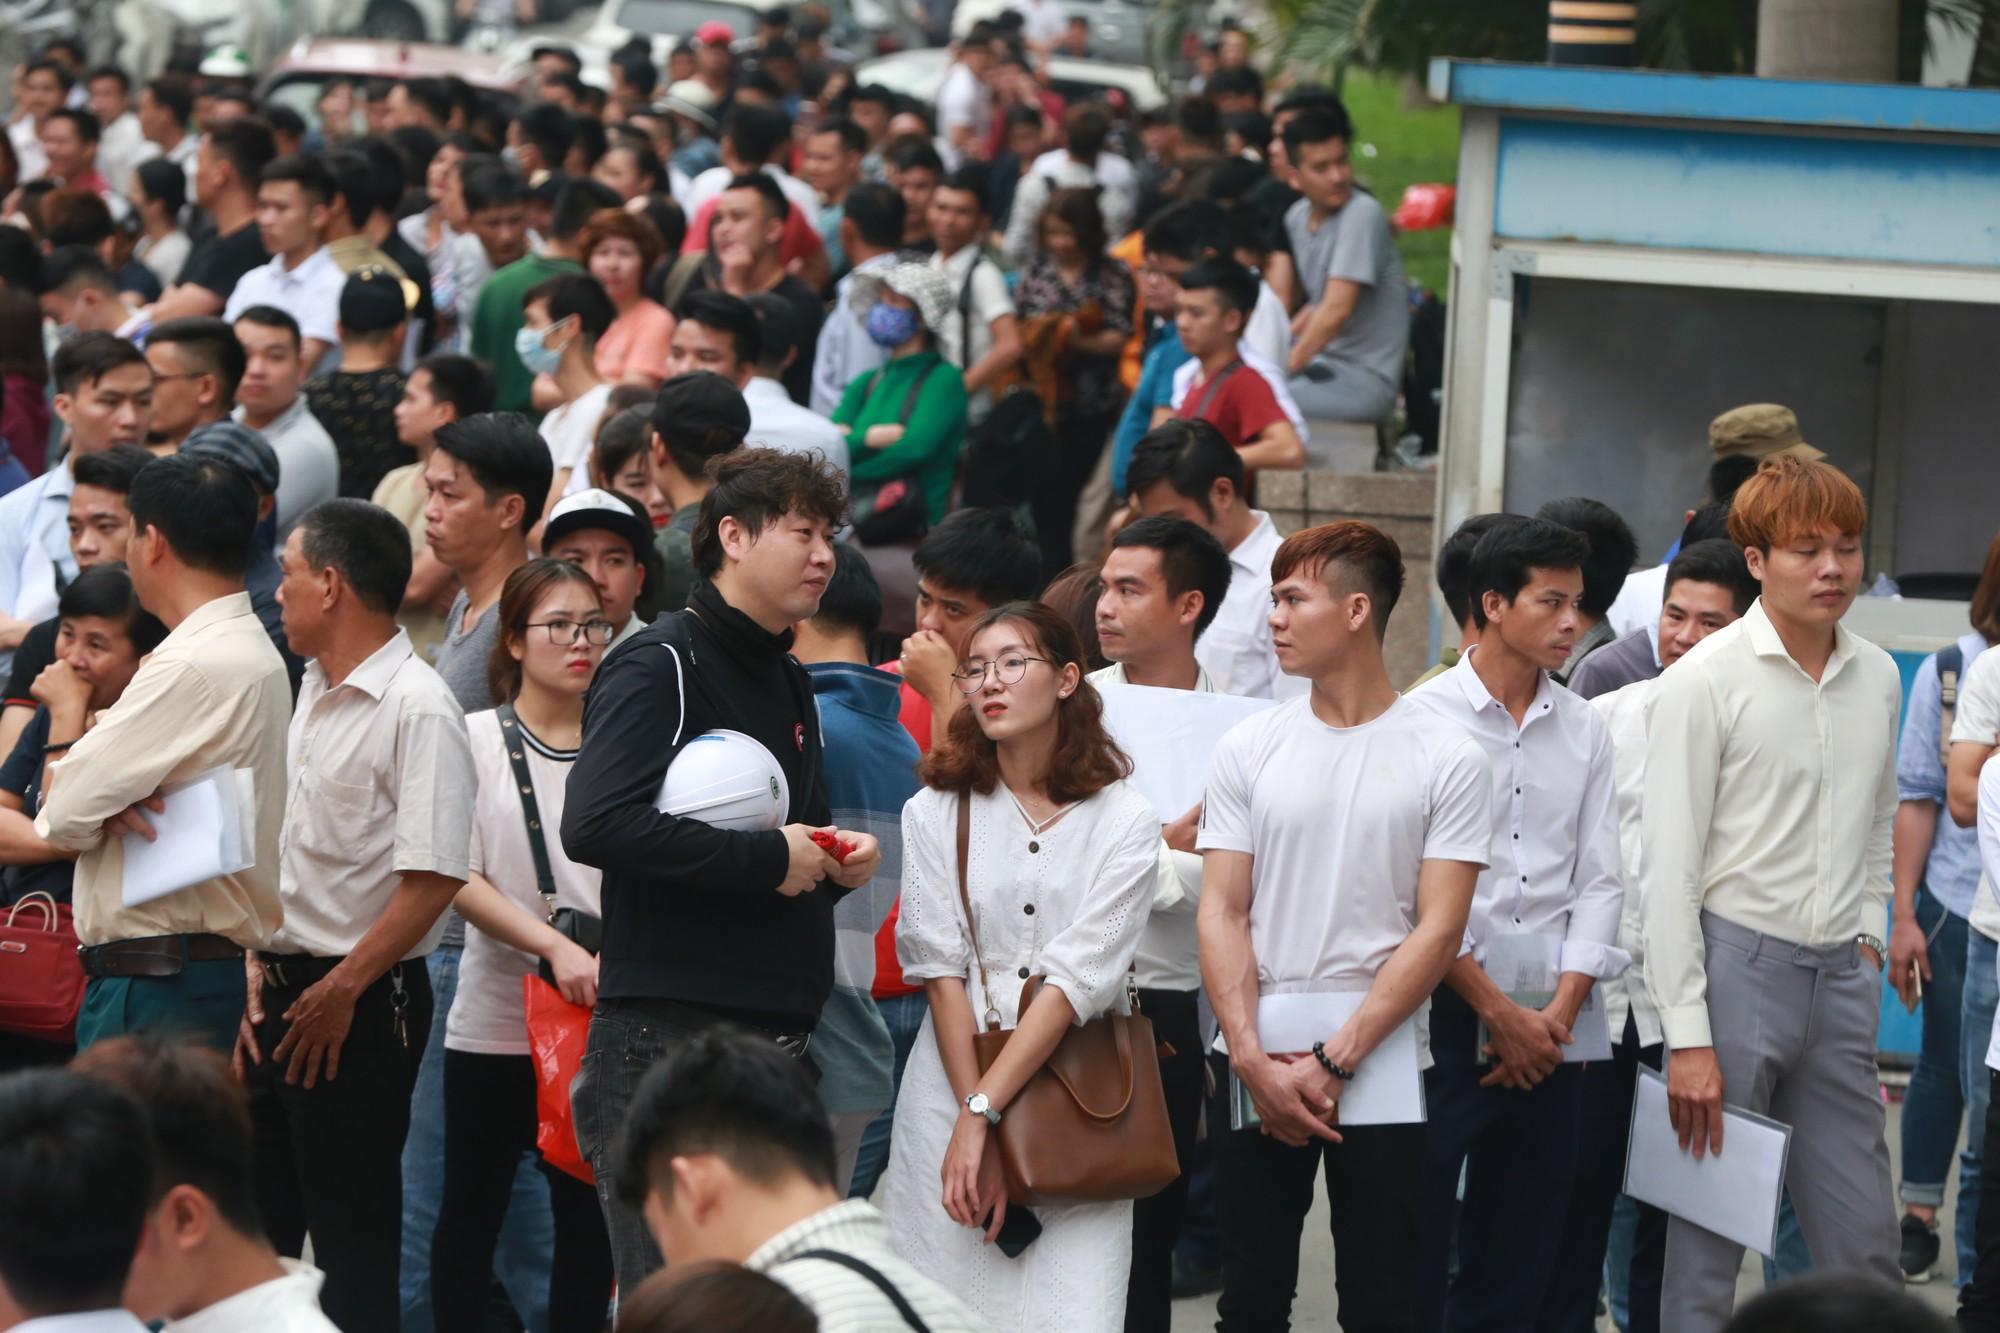 Cận cảnh hàng nghìn người xếp hàng trước Đại sứ quán Hàn Quốc chờ làm visa - Ảnh 4.